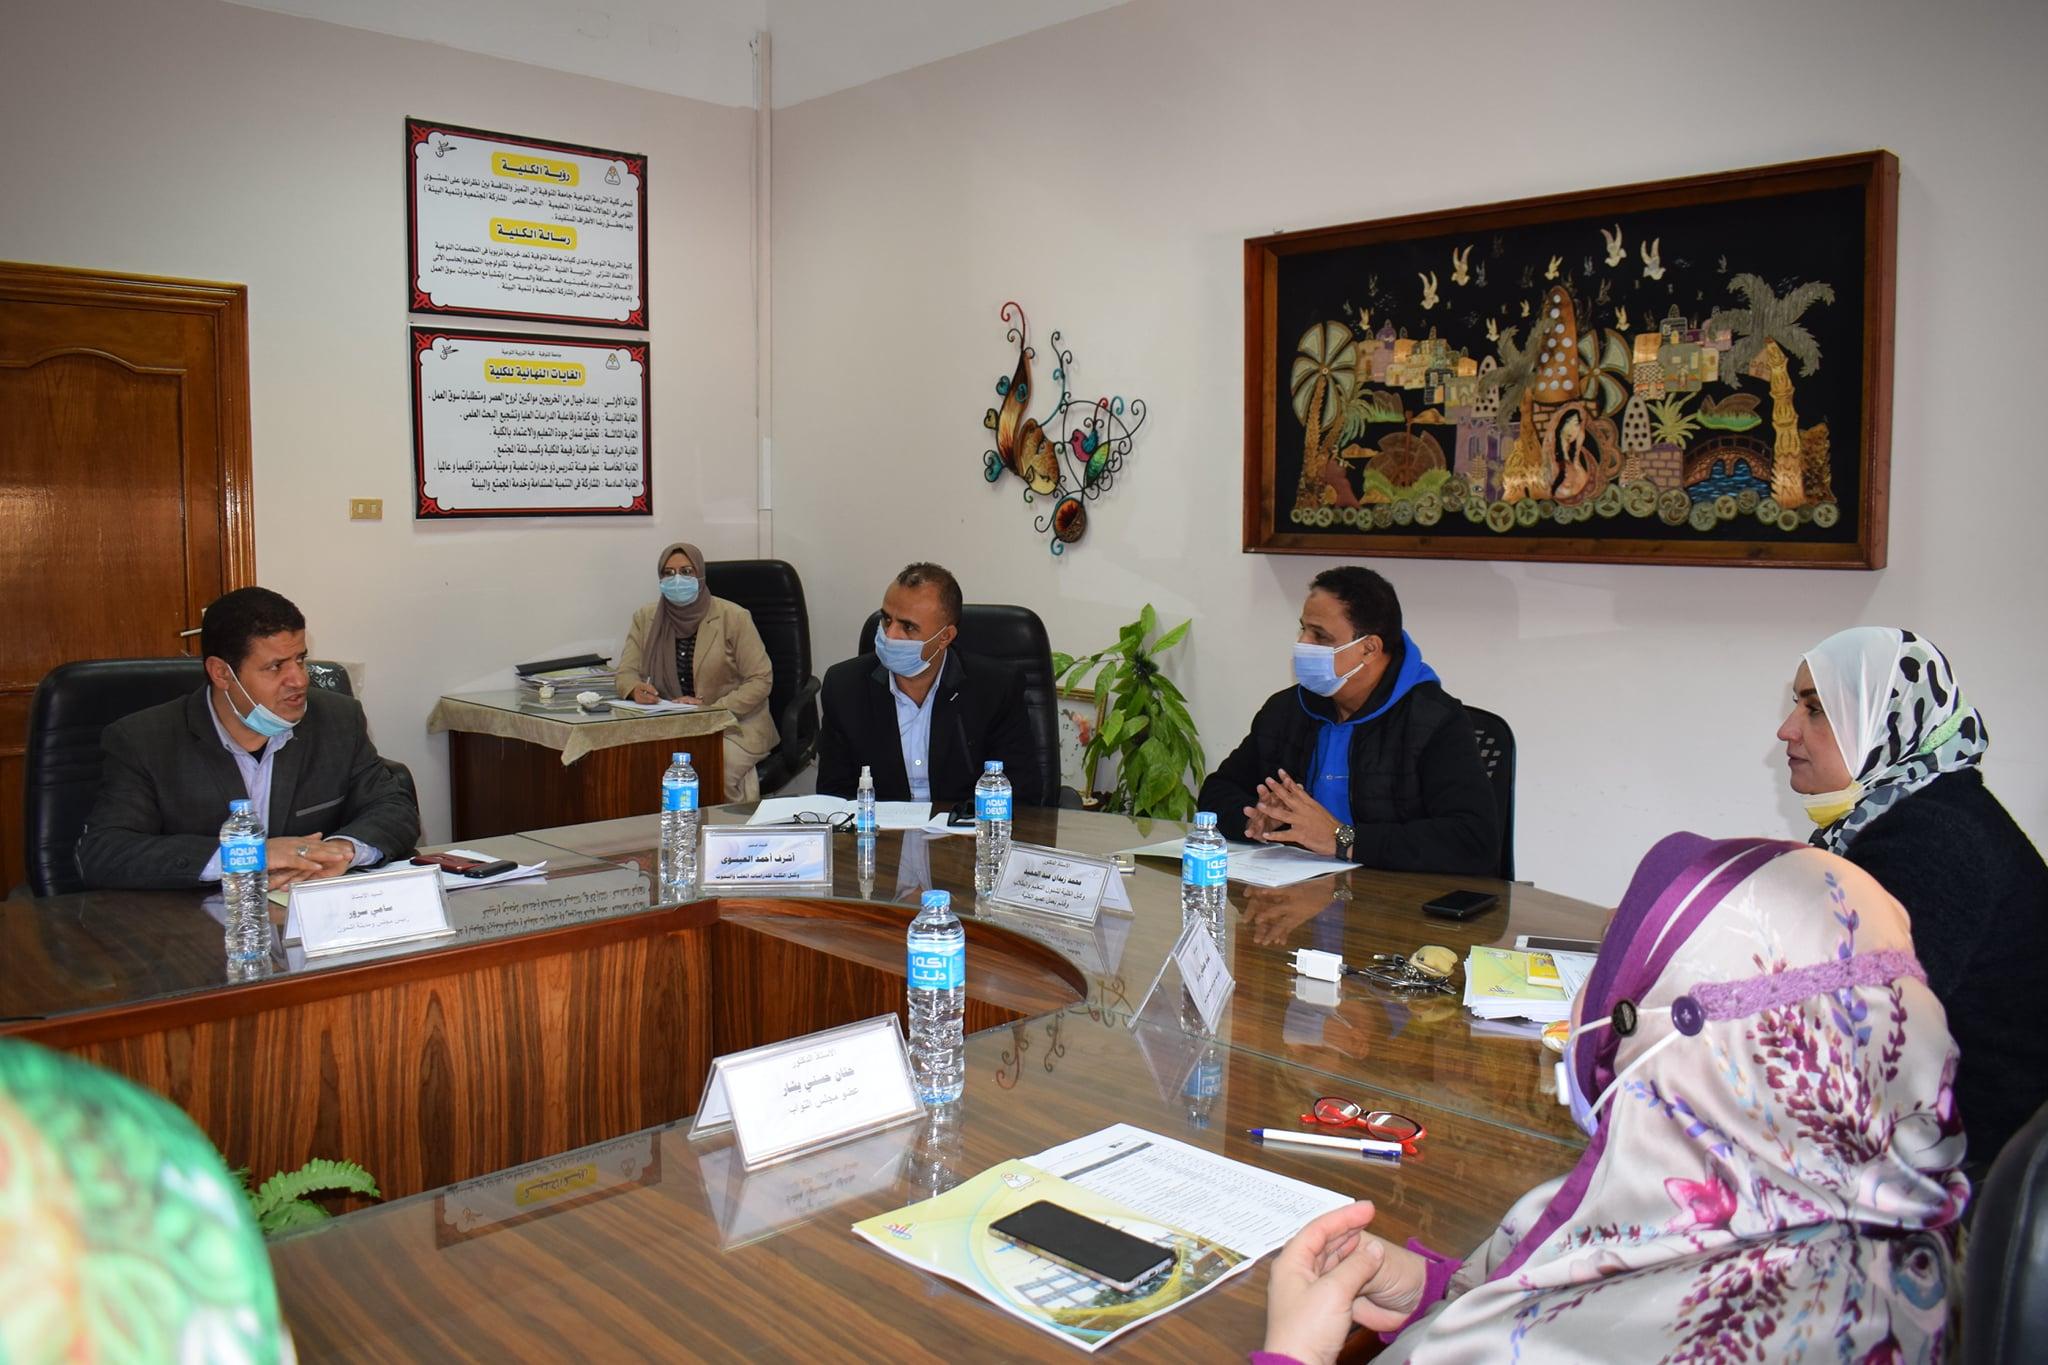 مجلس الكلية يعقد جلسته السادسة بالنوعية للعام الجامعى ٢٠٢٠ / ٢٠٢١...